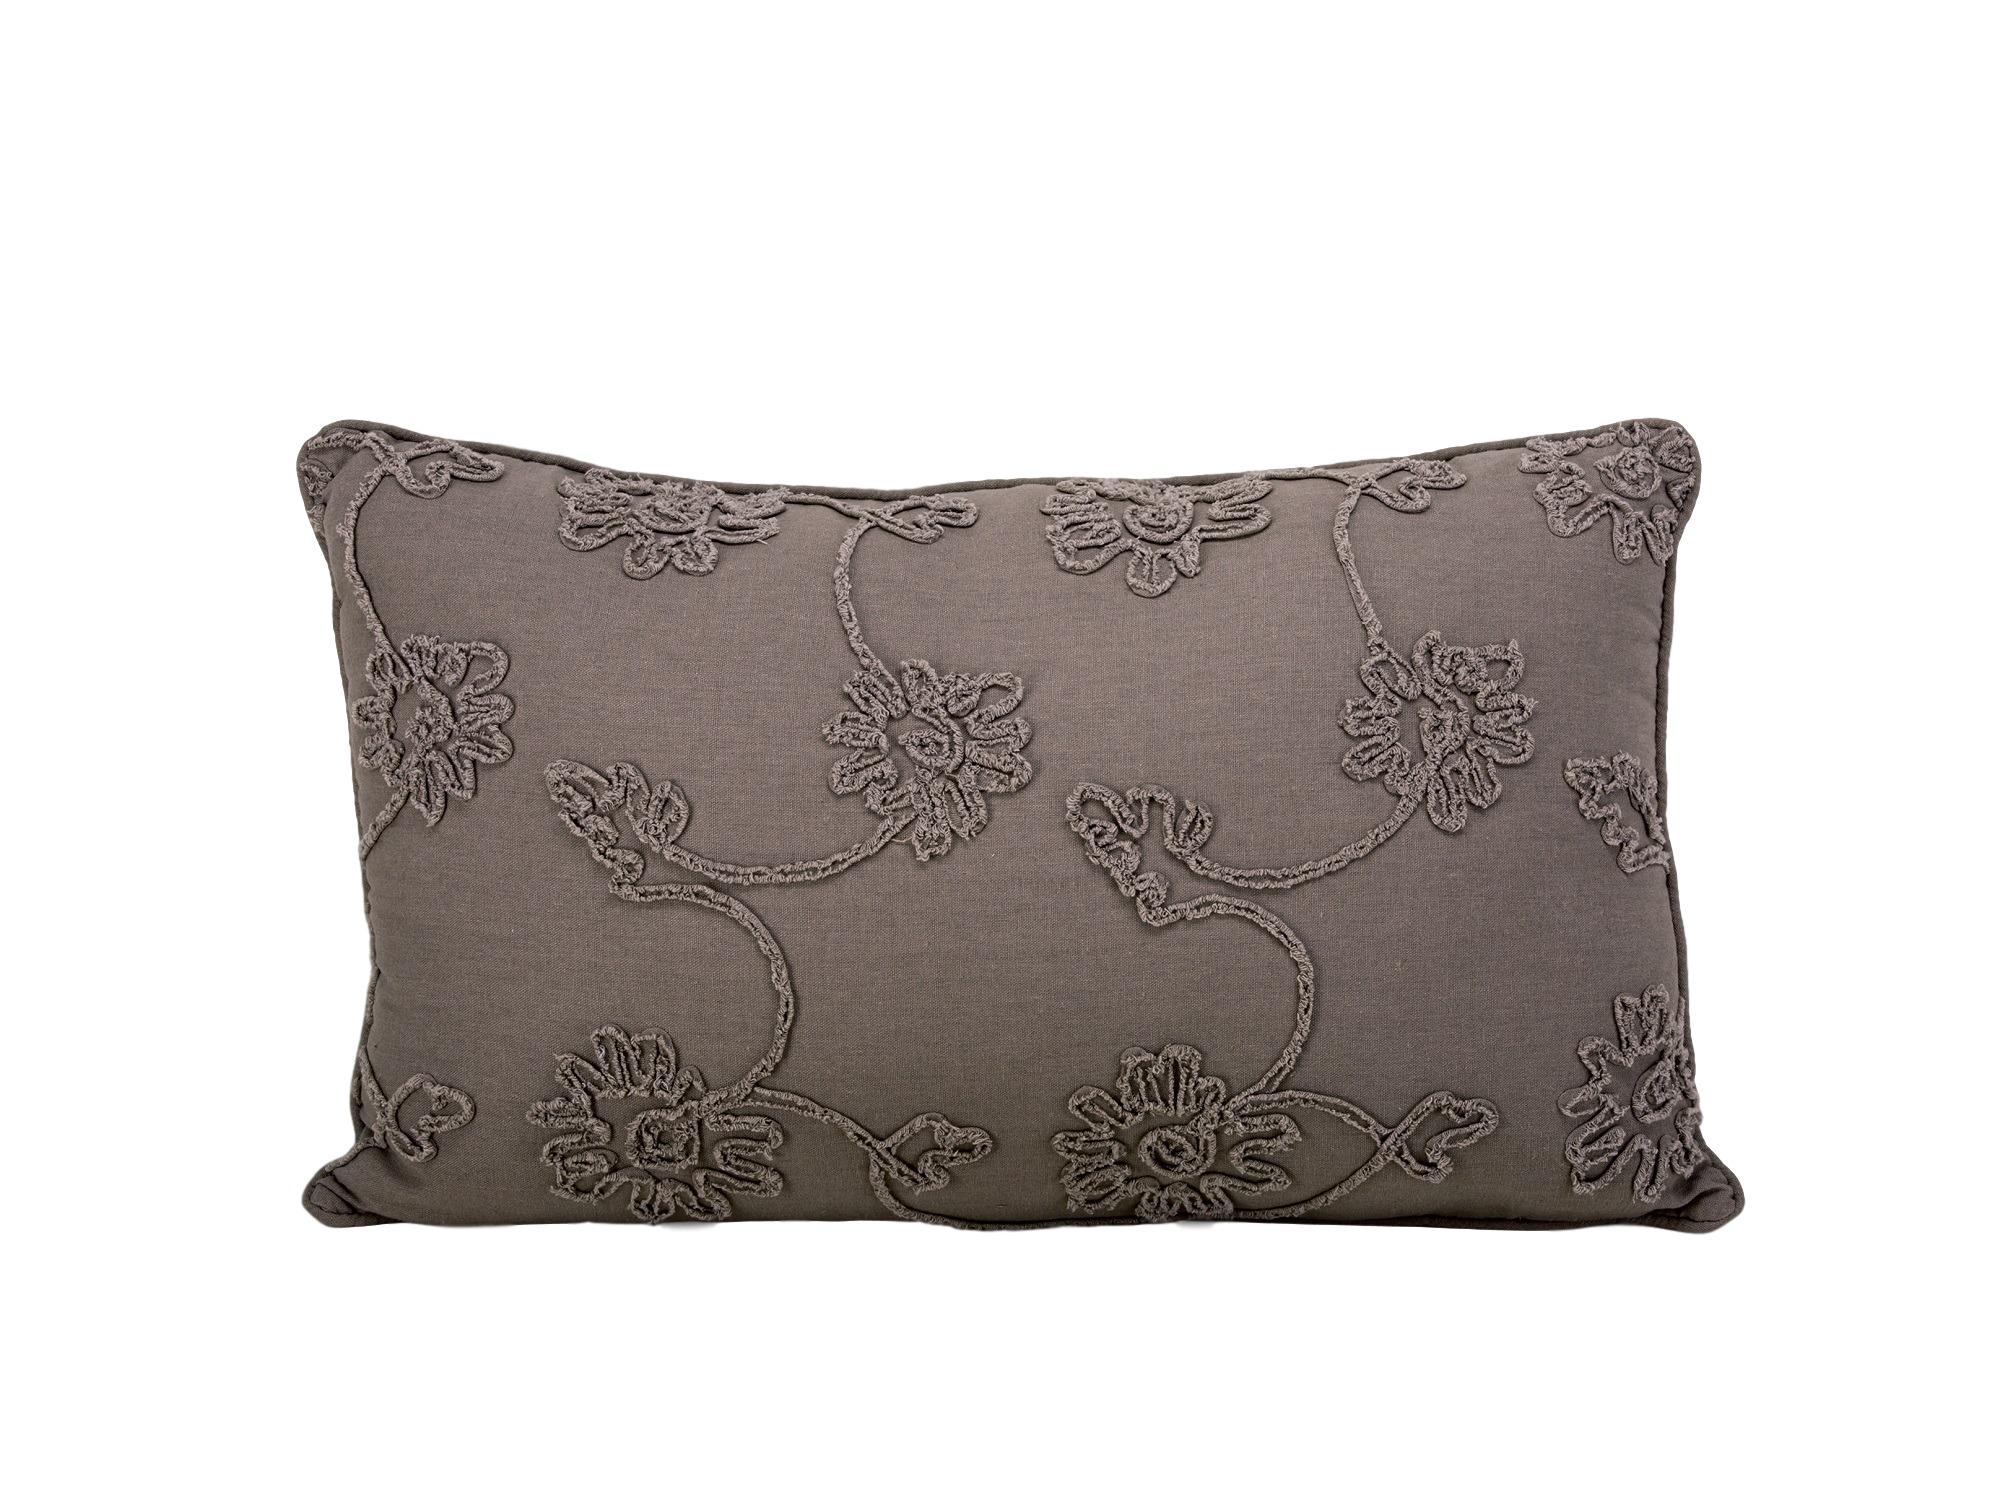 ПодушкаПрямоугольные подушки и наволочки<br>Прямоугольная декоративная подушка серого цвета.<br><br>Material: Текстиль<br>Ширина см: 64<br>Высота см: 39<br>Глубина см: 10